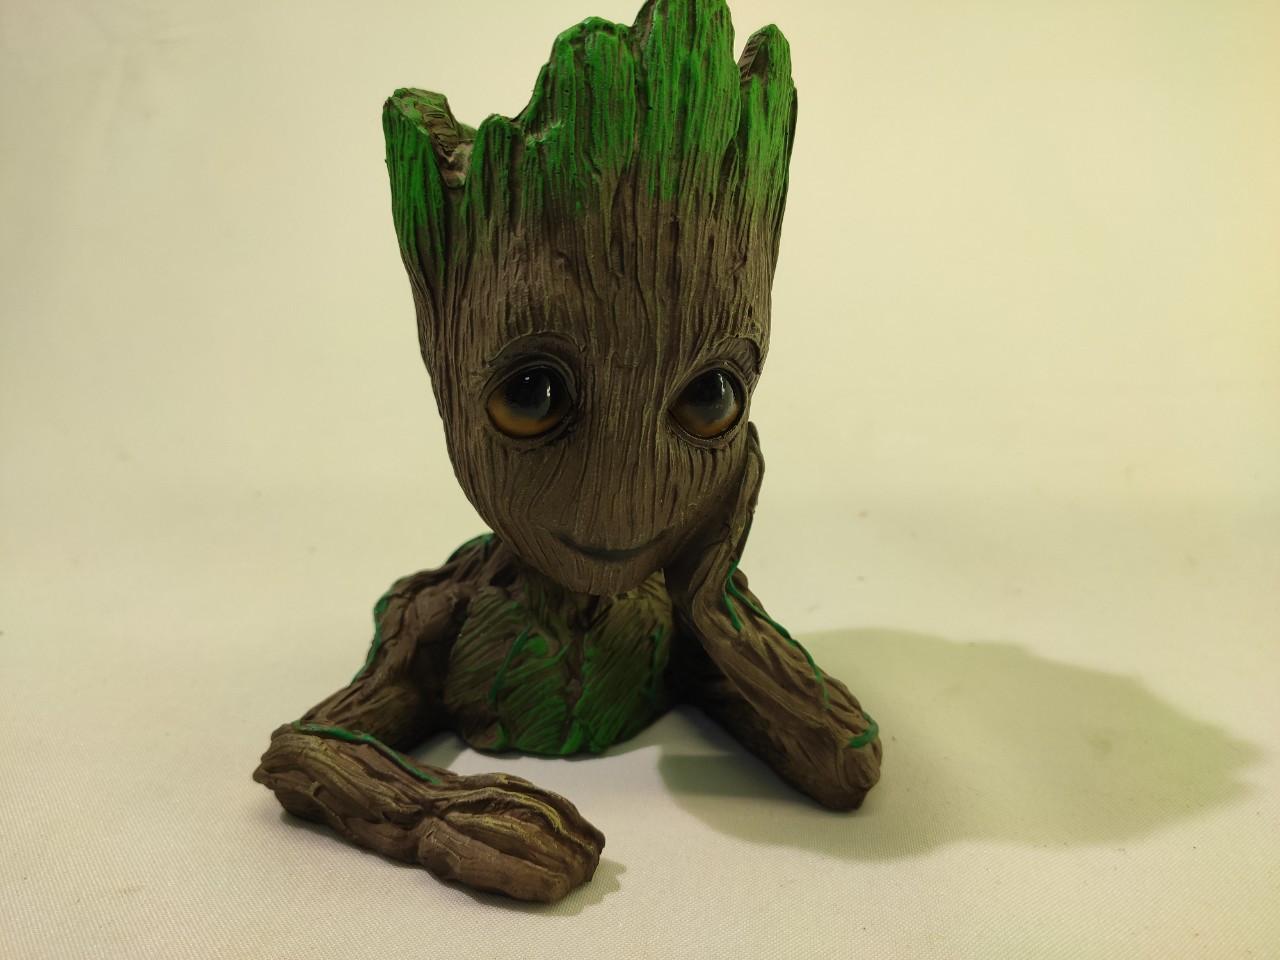 """Глиняний квітковий горщик - милий малюк Грут з Вартових Галактики """" від Marvel Підпирає голову рукою"""